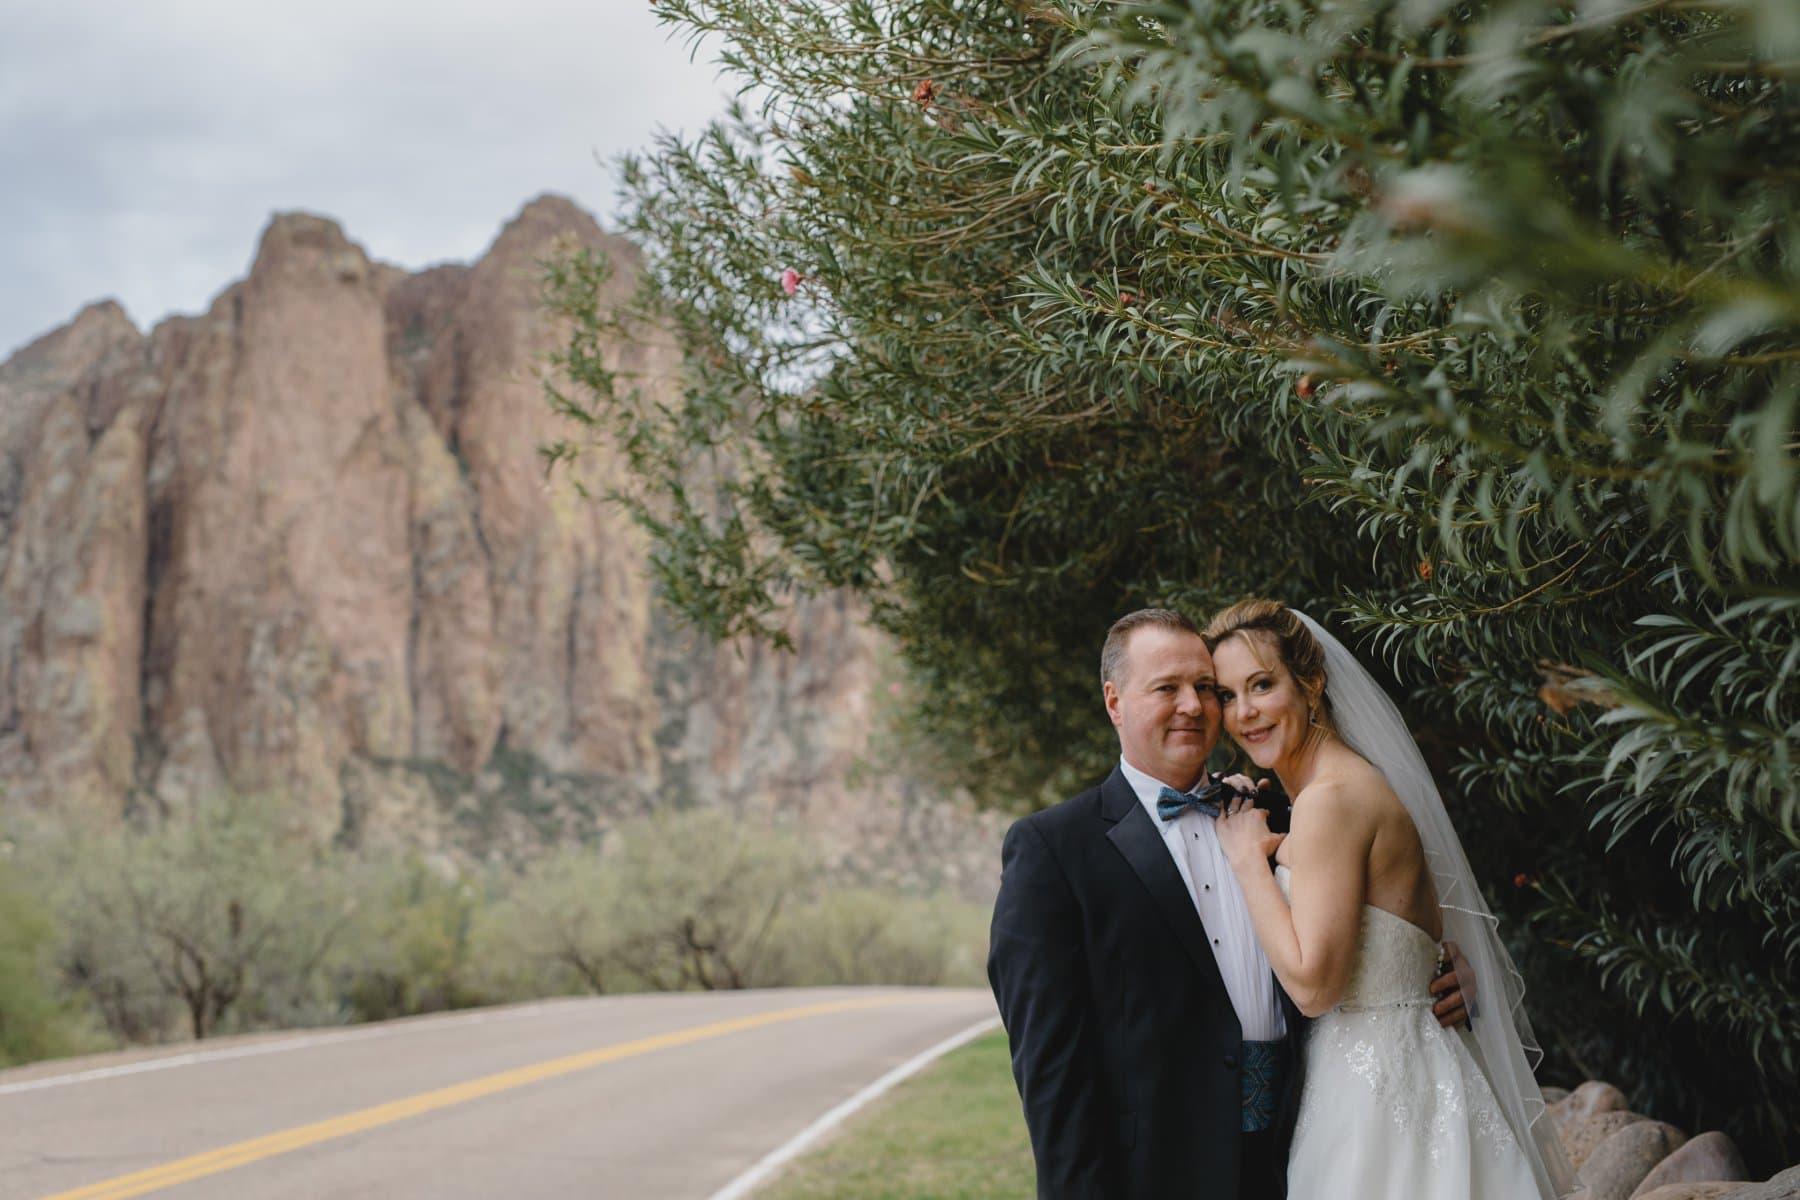 natural outdoor wedding photographer in Phoenix